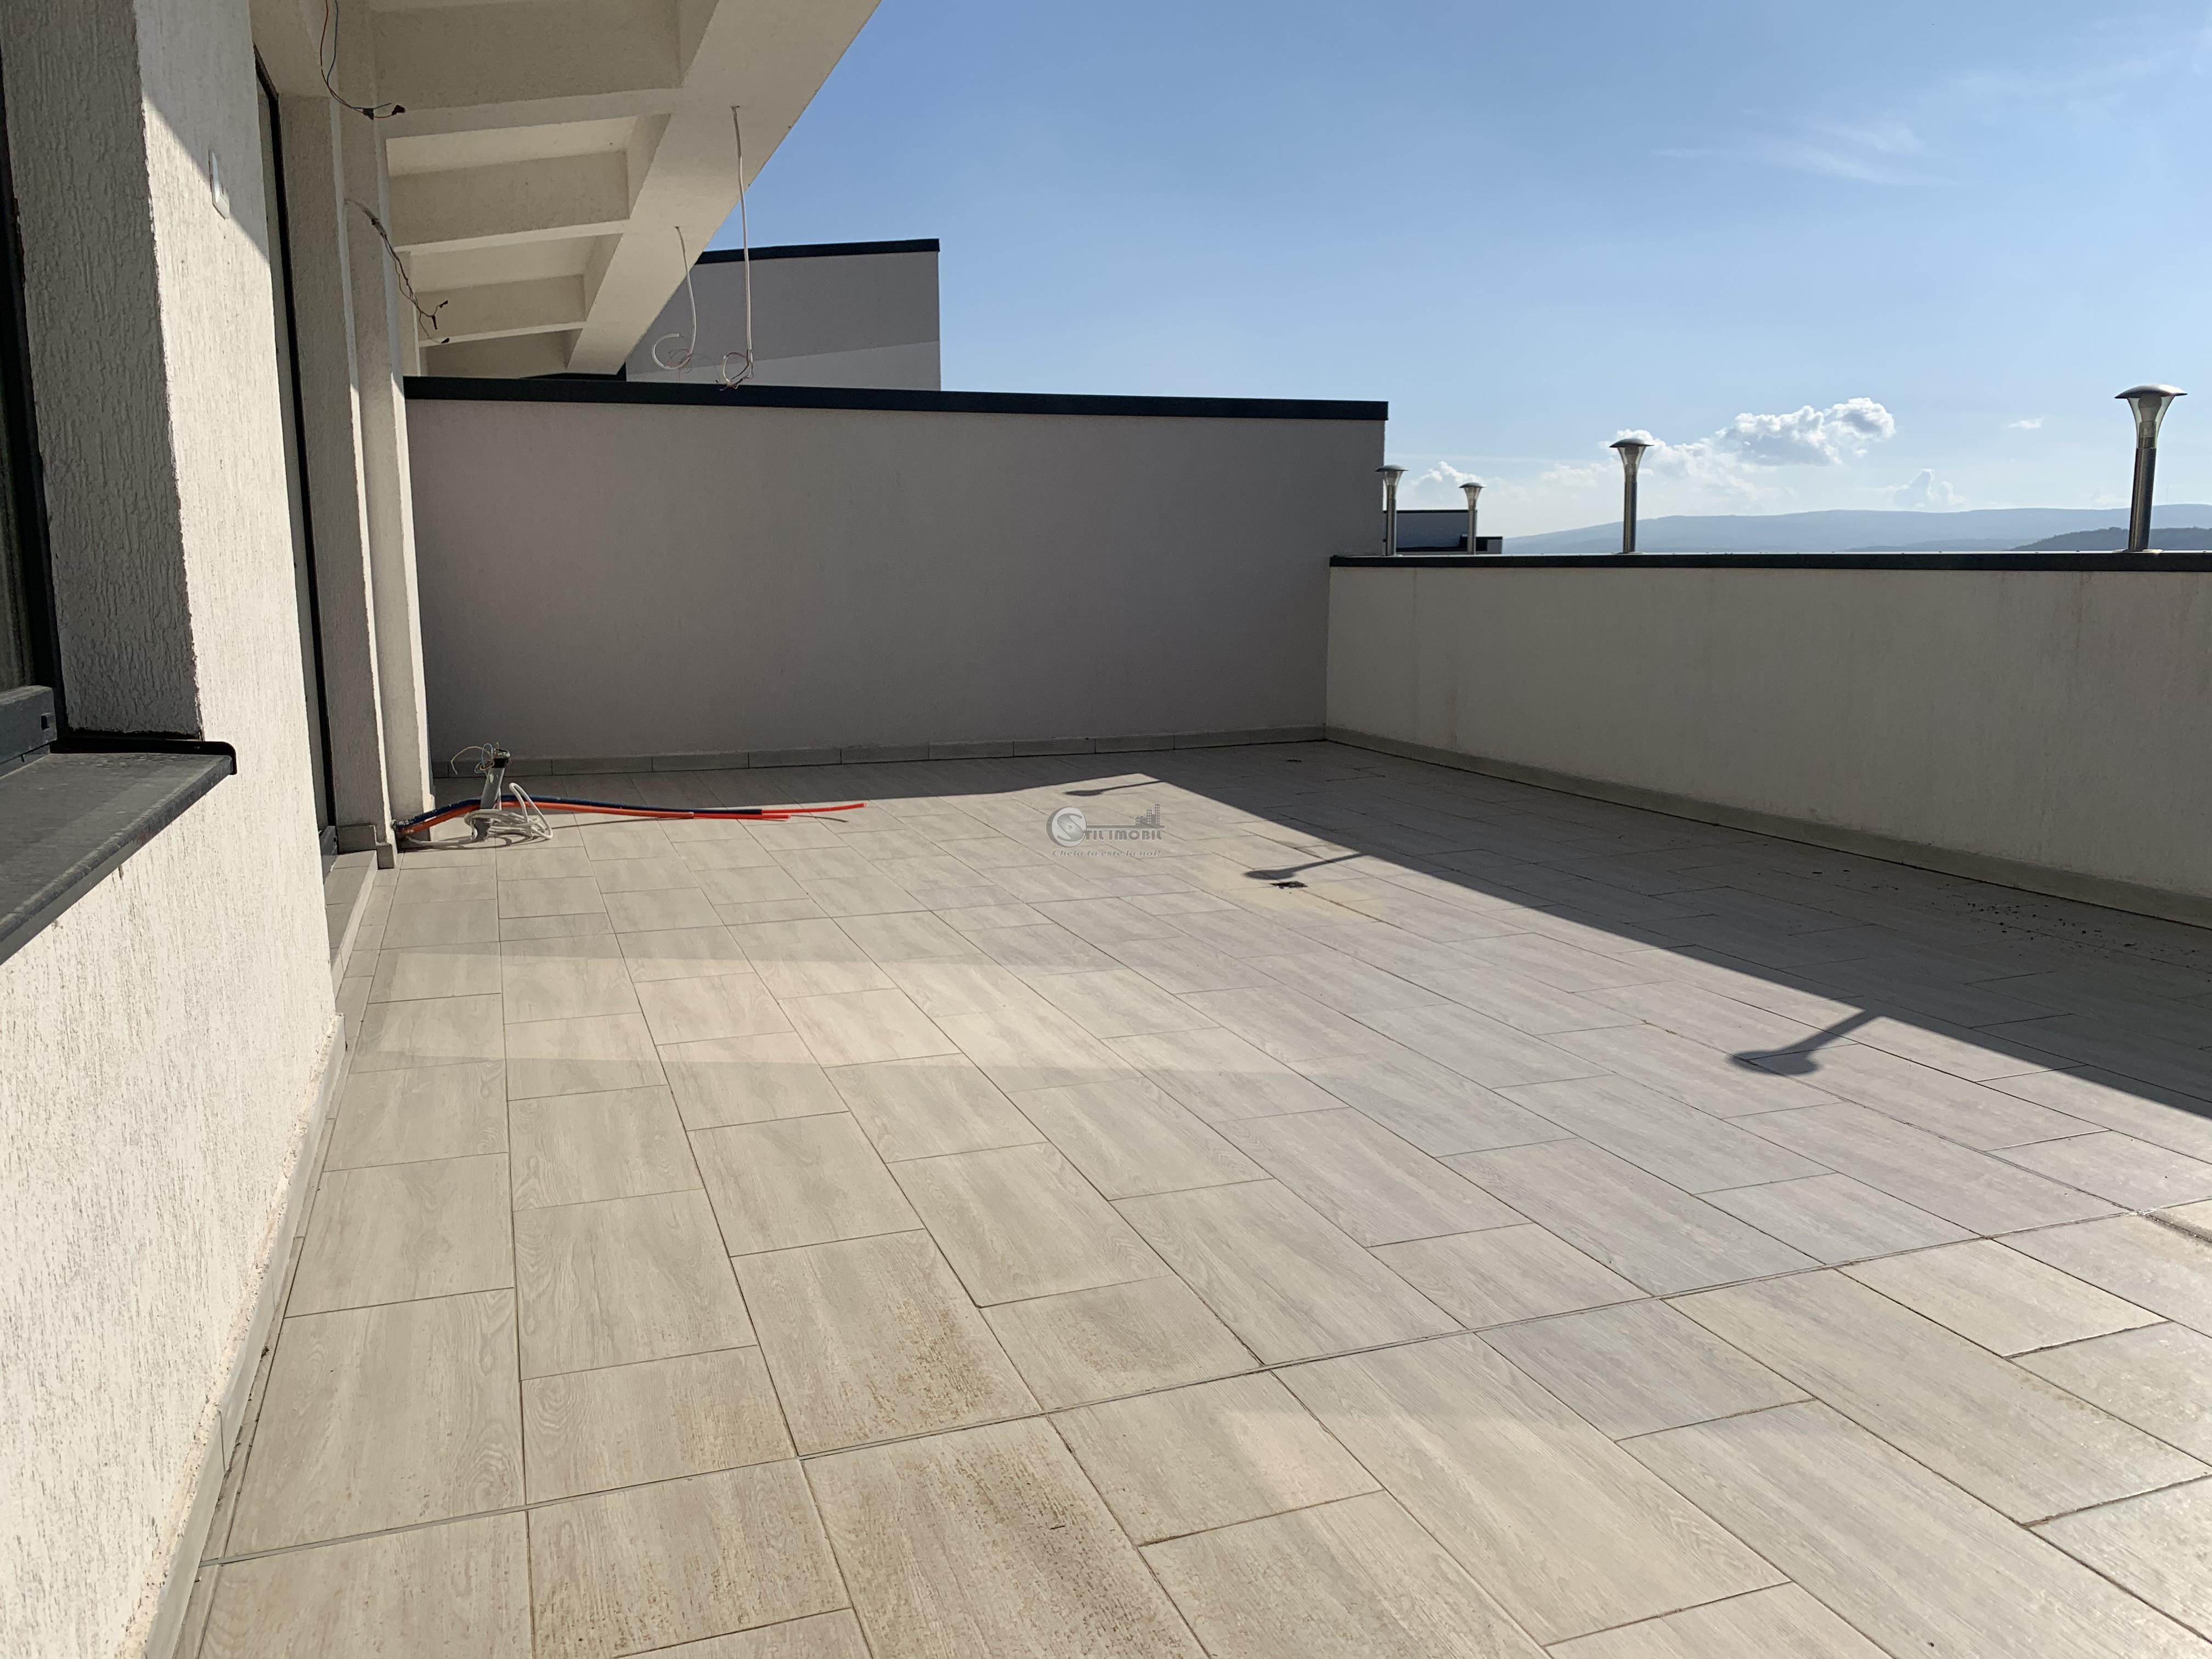 55.000e PACURARI-POPAS 1c 38mp+45mp terasa bloc nou